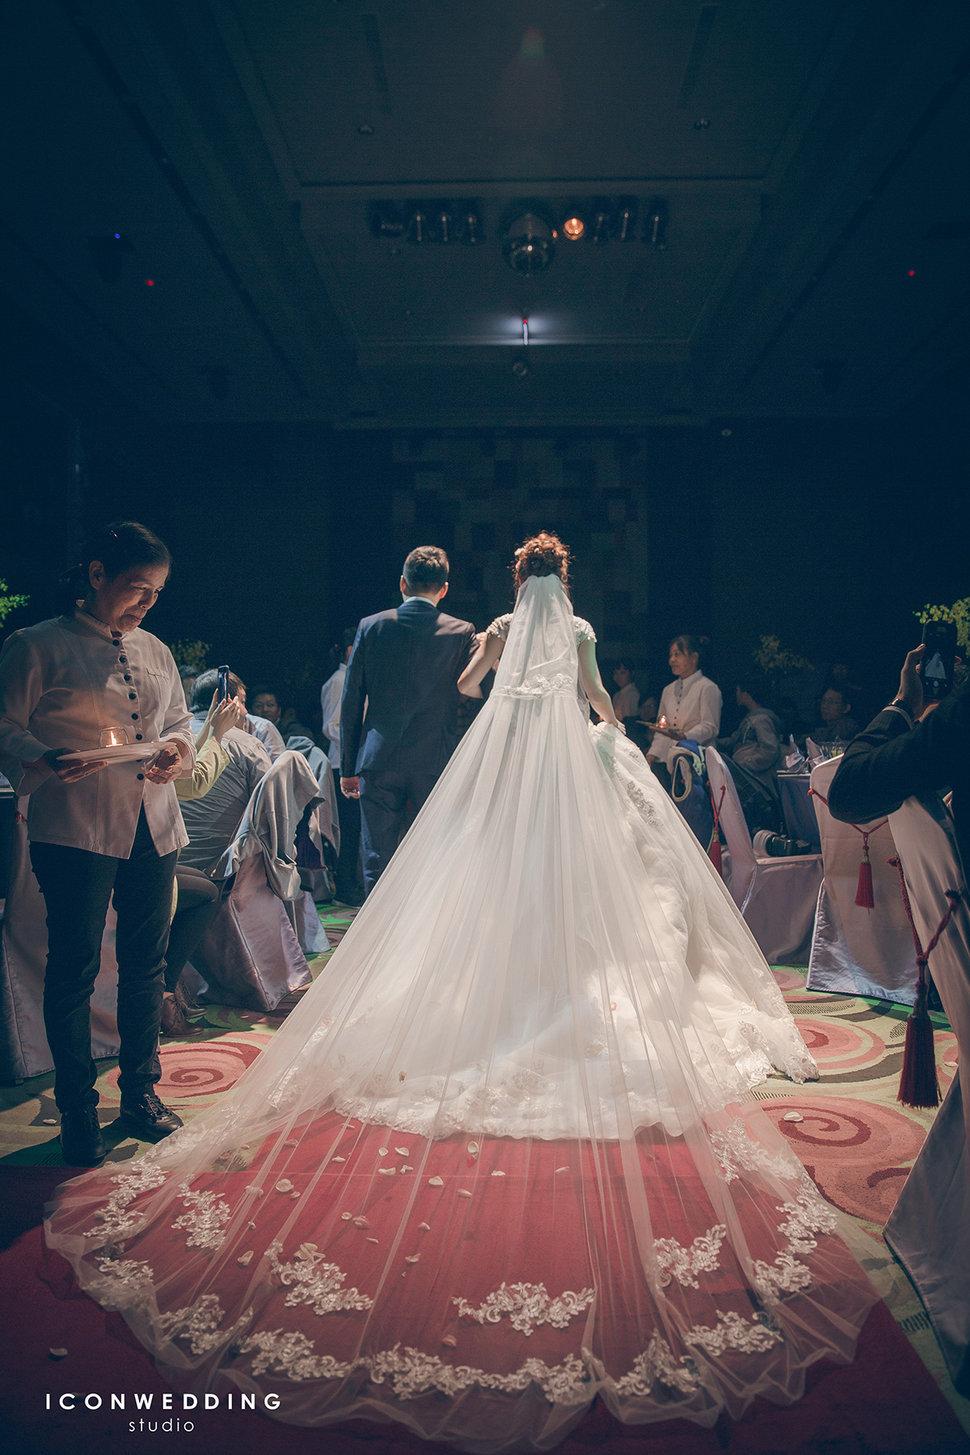 婚禮紀錄-怡心(編號:551820) - 愛情符號 ‧ 玩拍婚紗 ‧ 海外婚紗 - 結婚吧